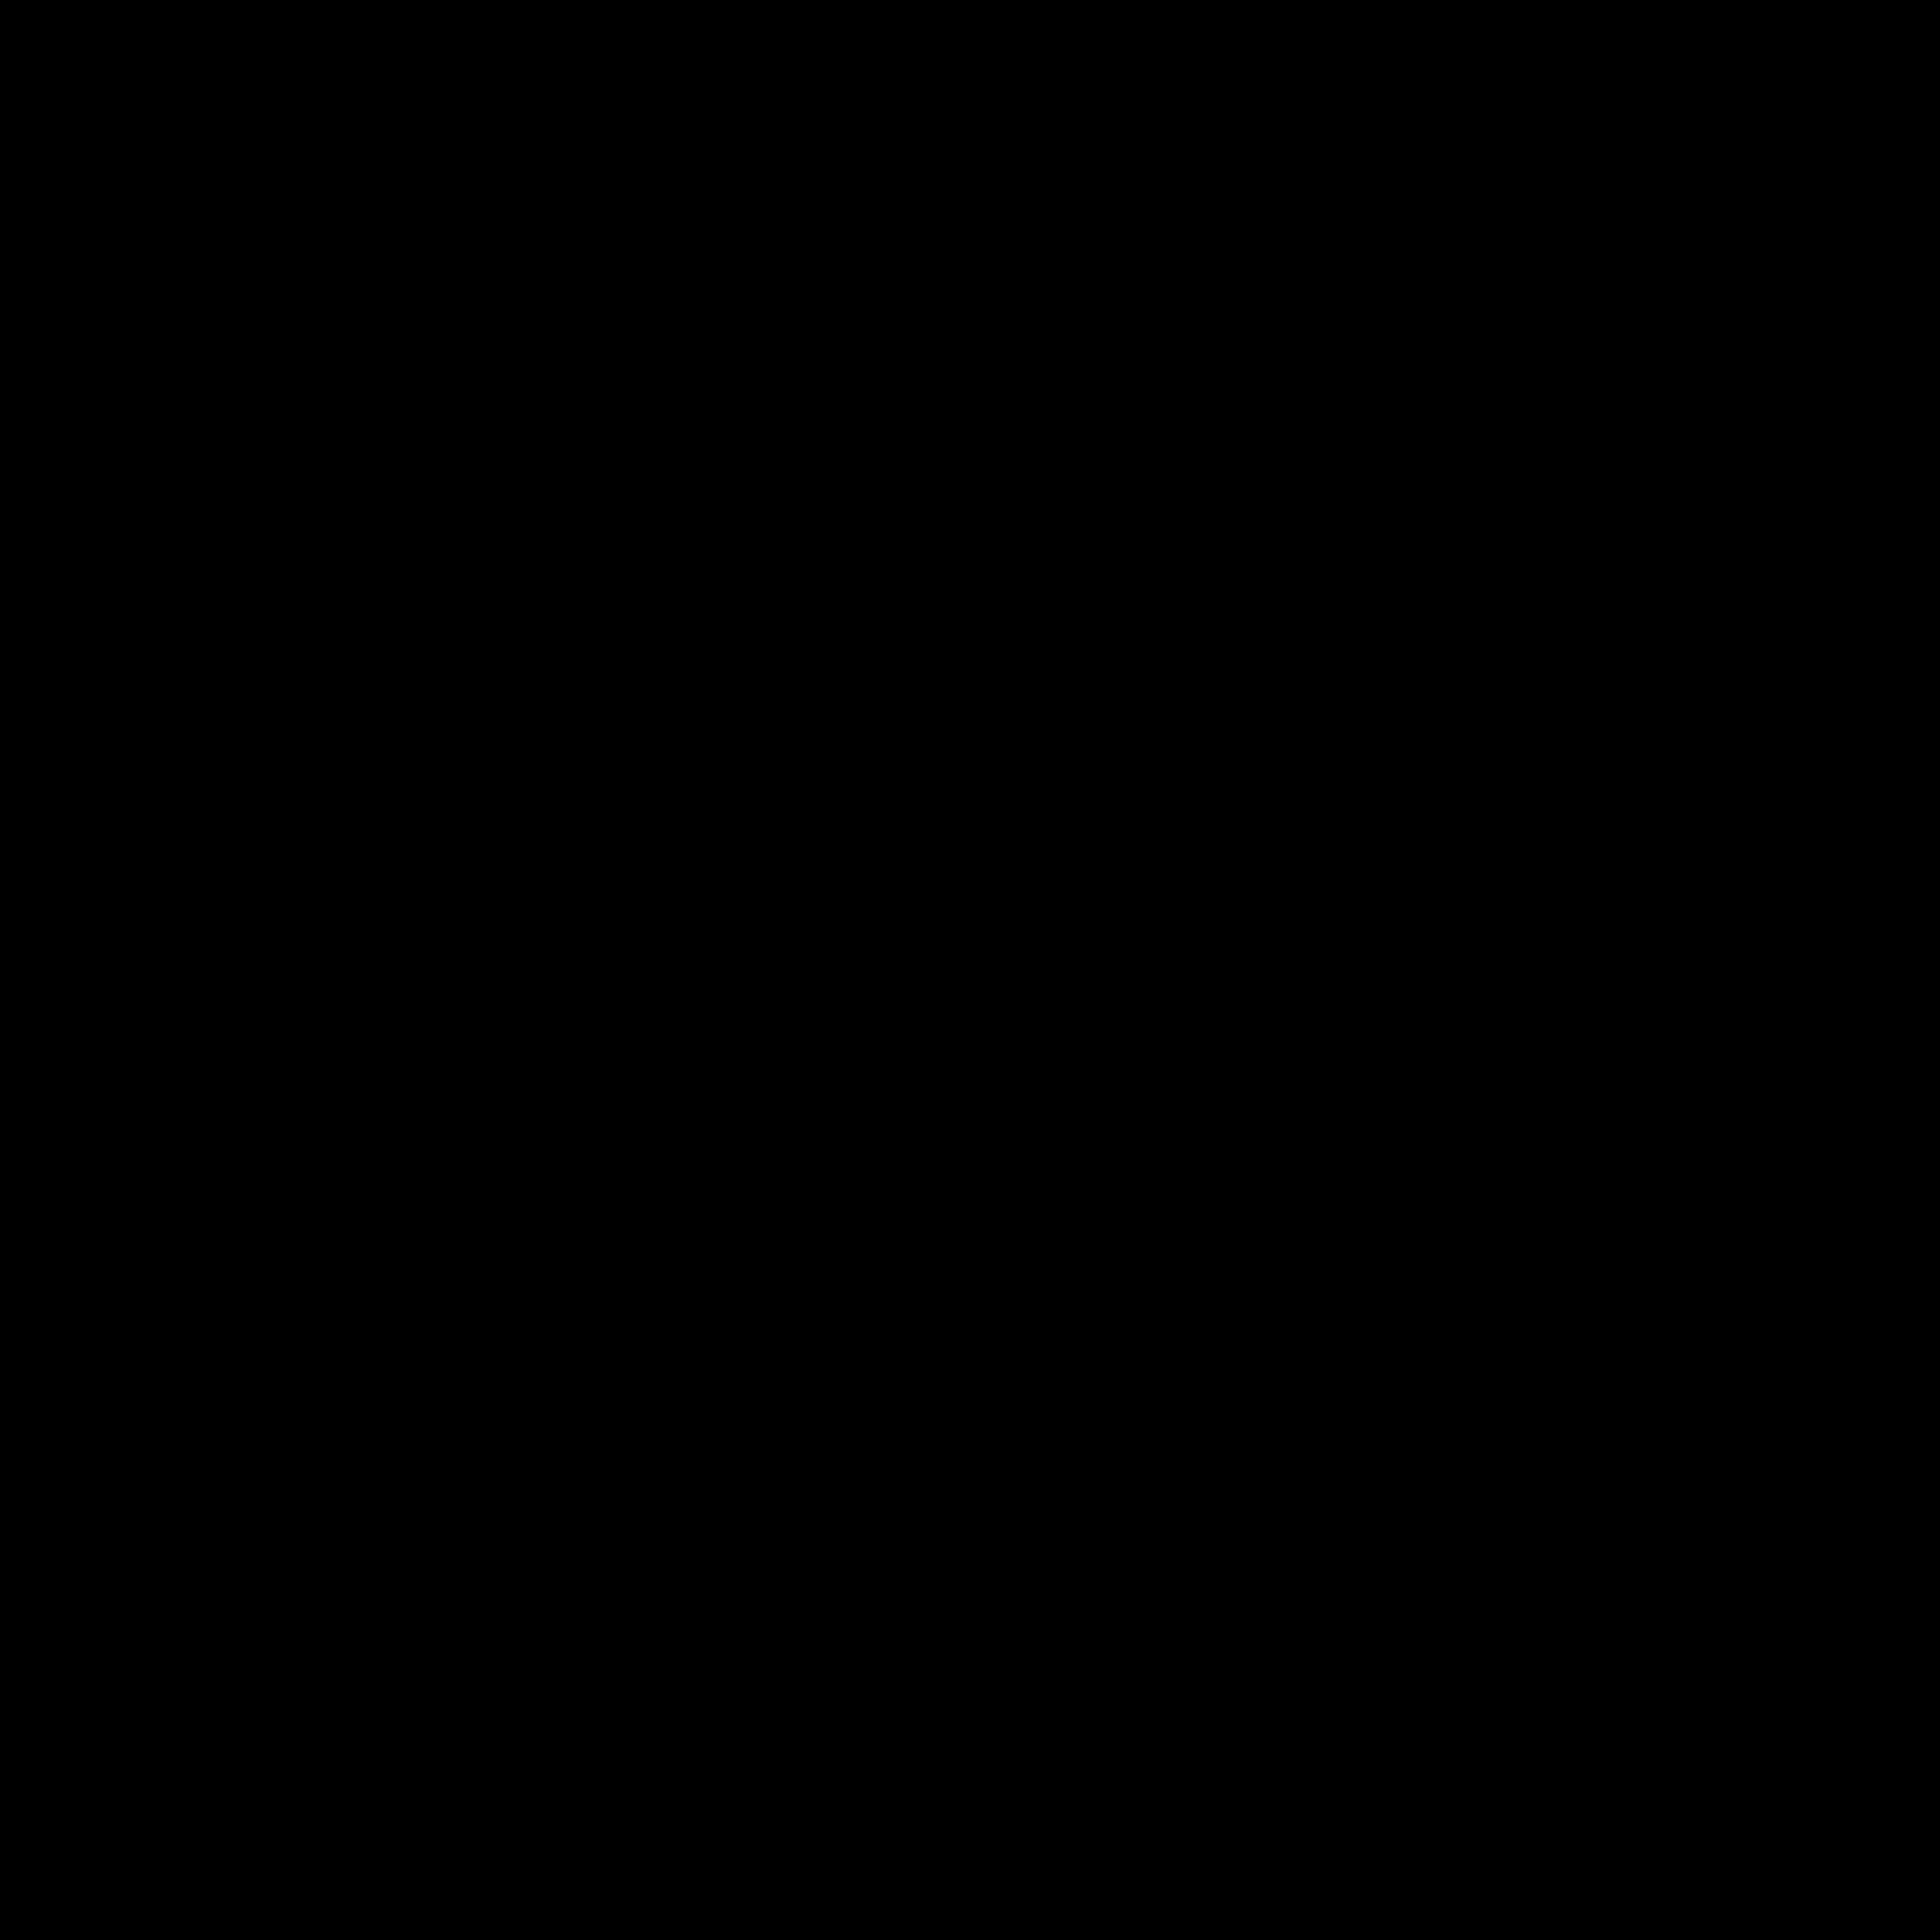 KOUTEI-icon3600.png